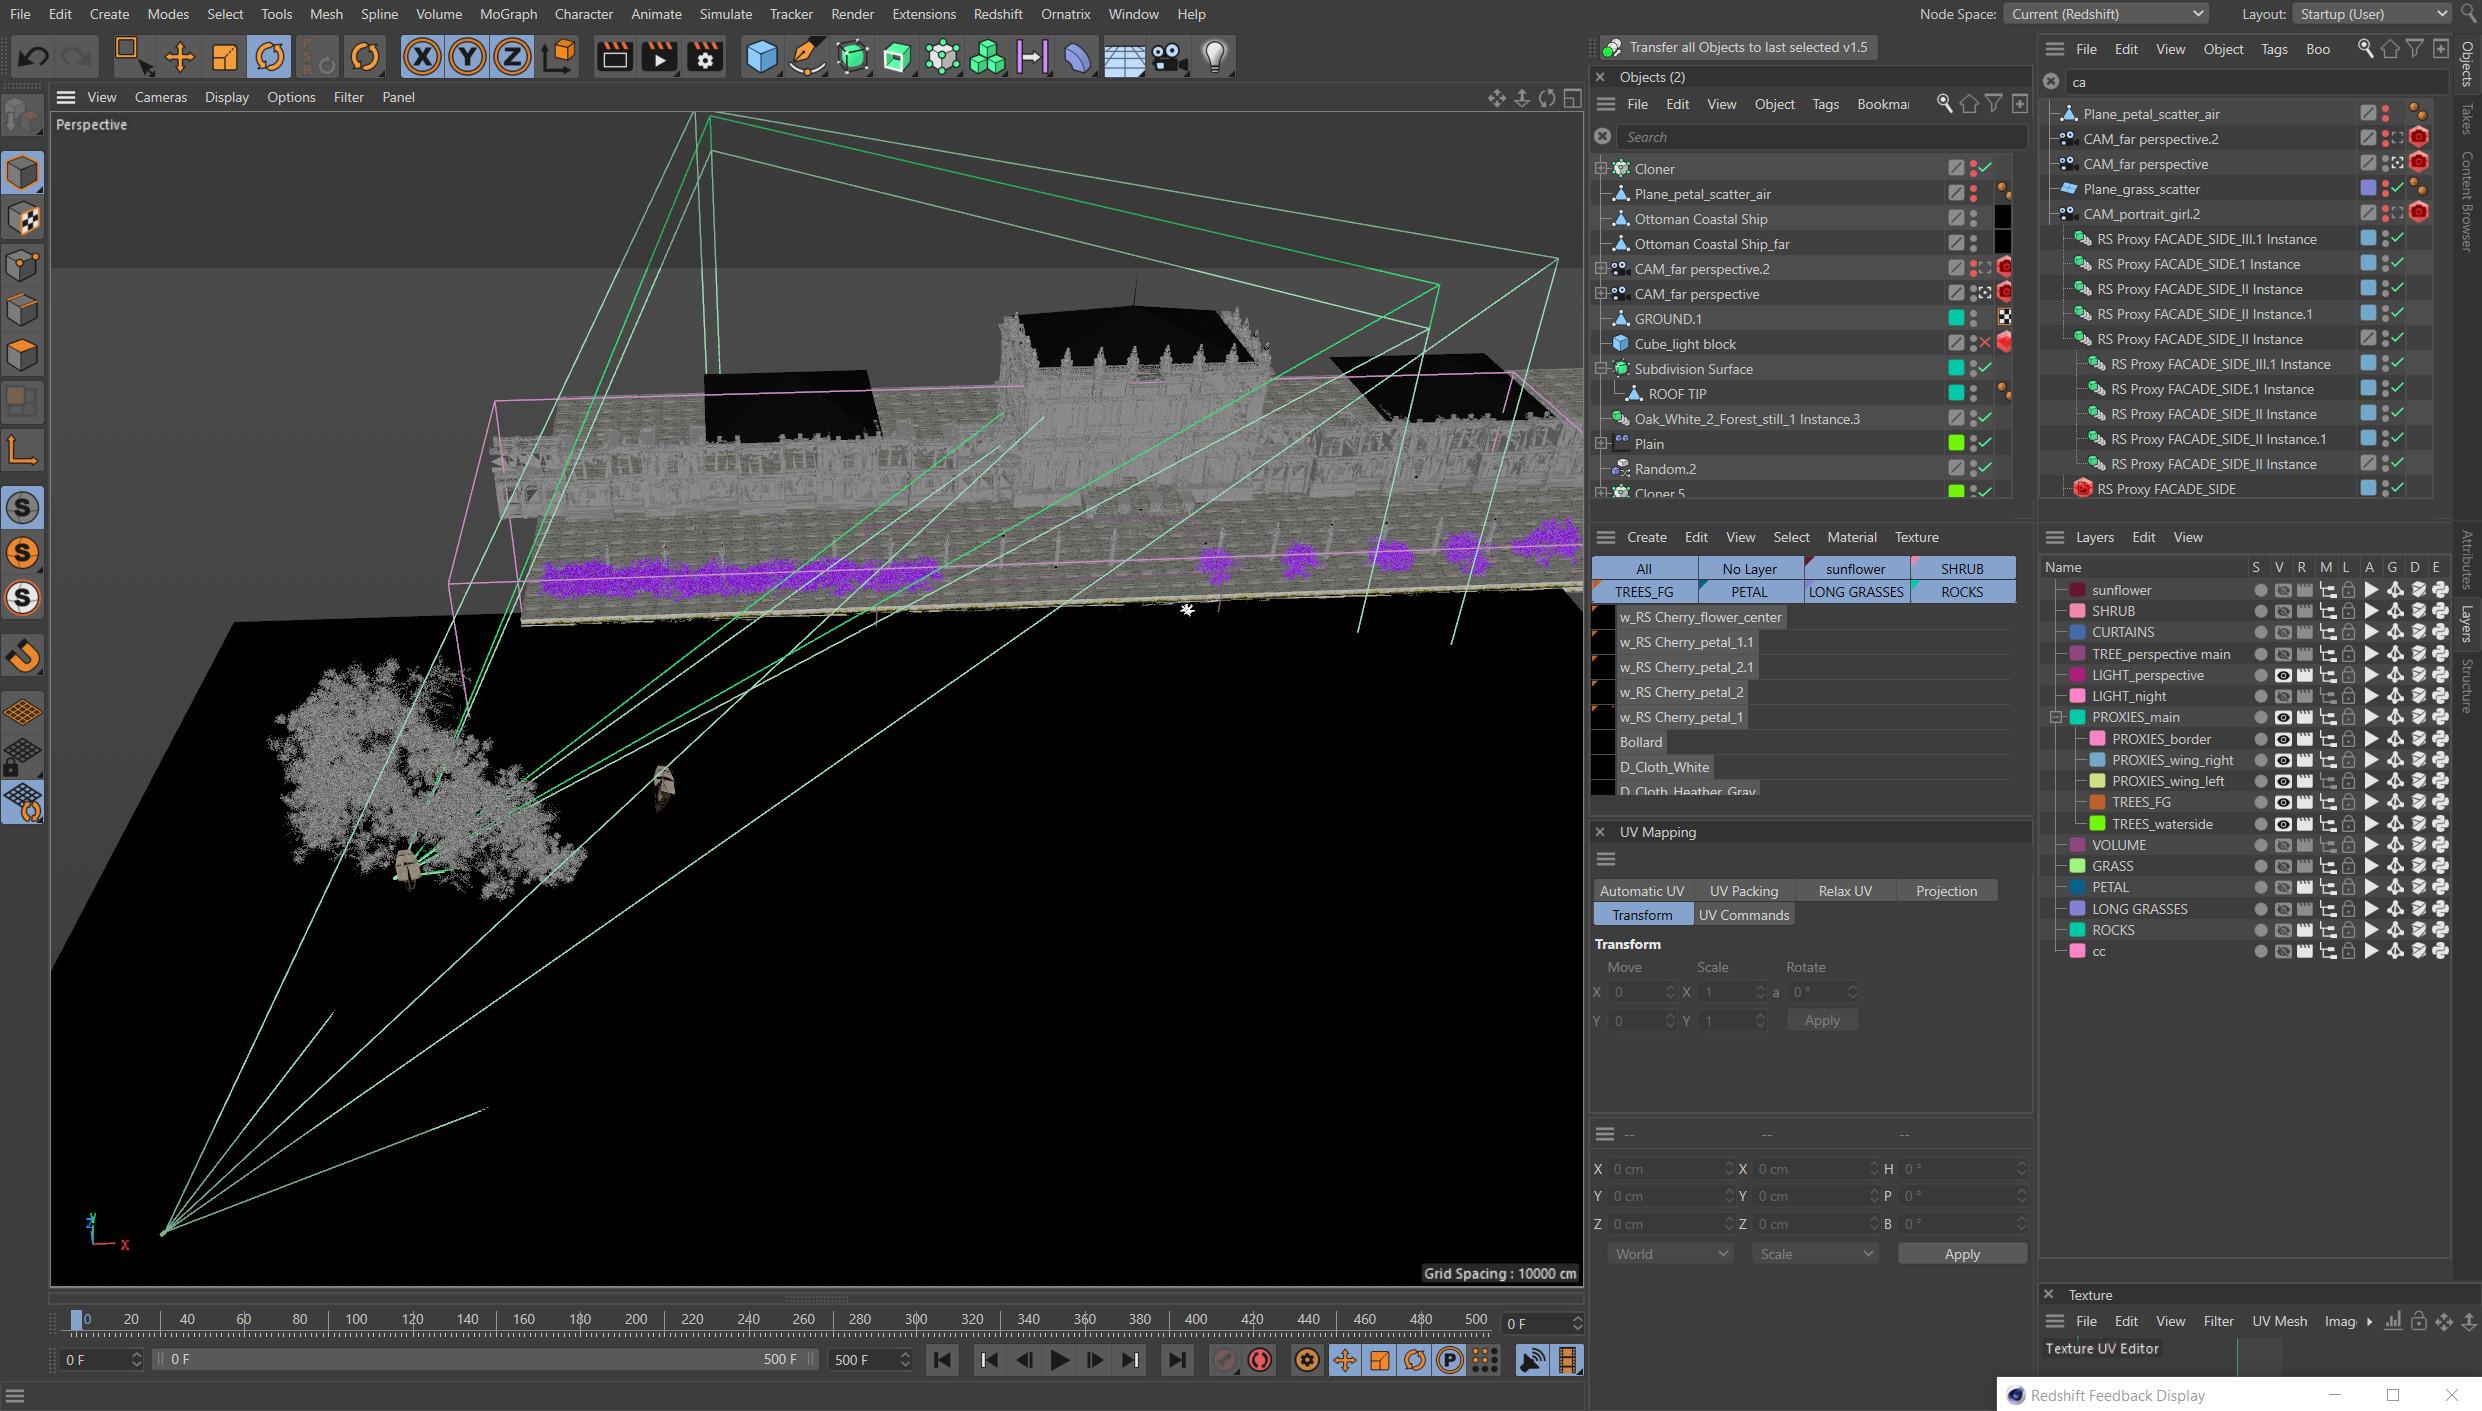 WIP (C4D) - Scene Overview